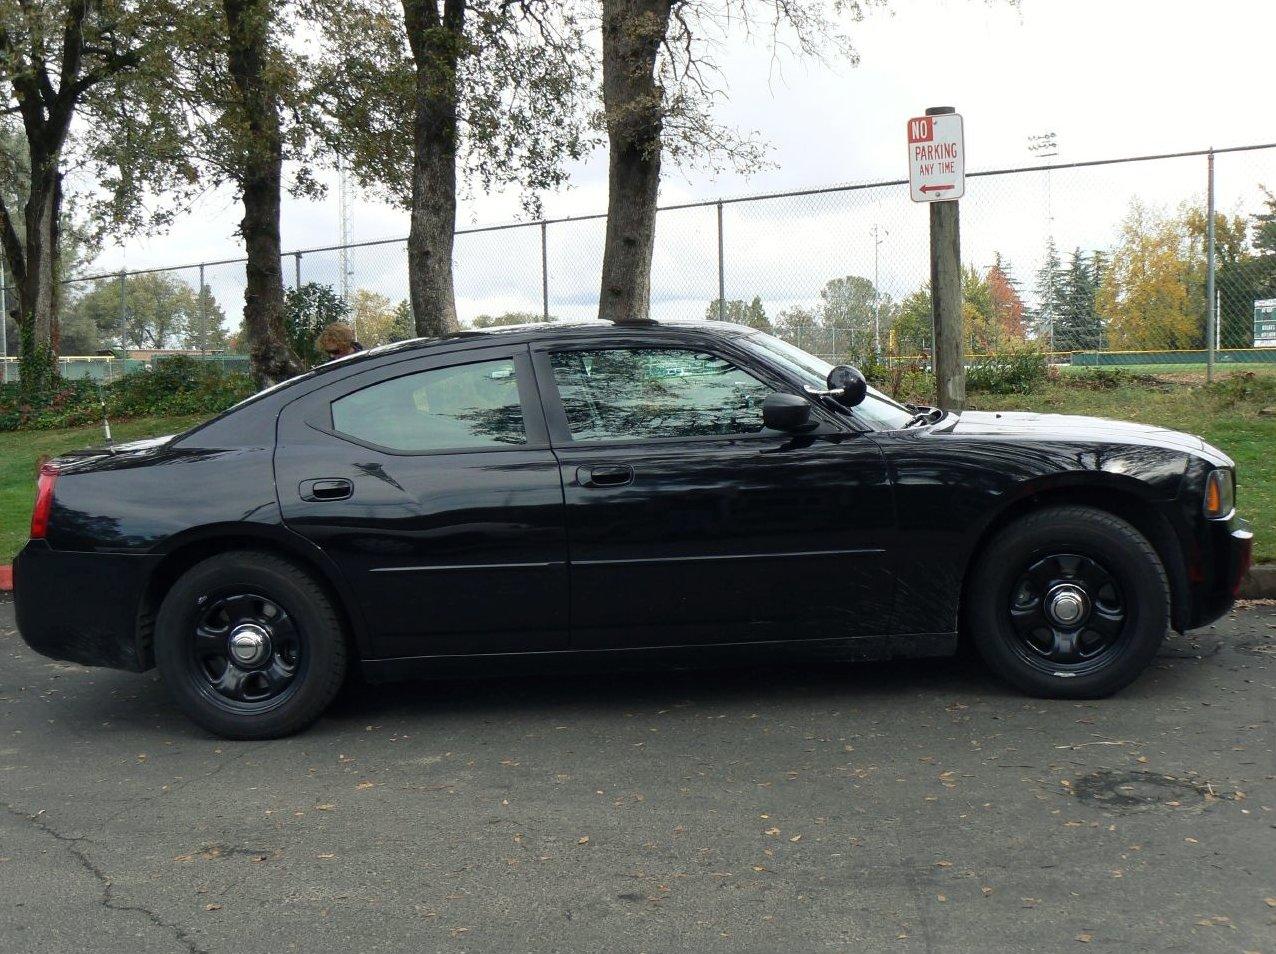 Smyrna Police Car Struck By A Motorcycle Nov